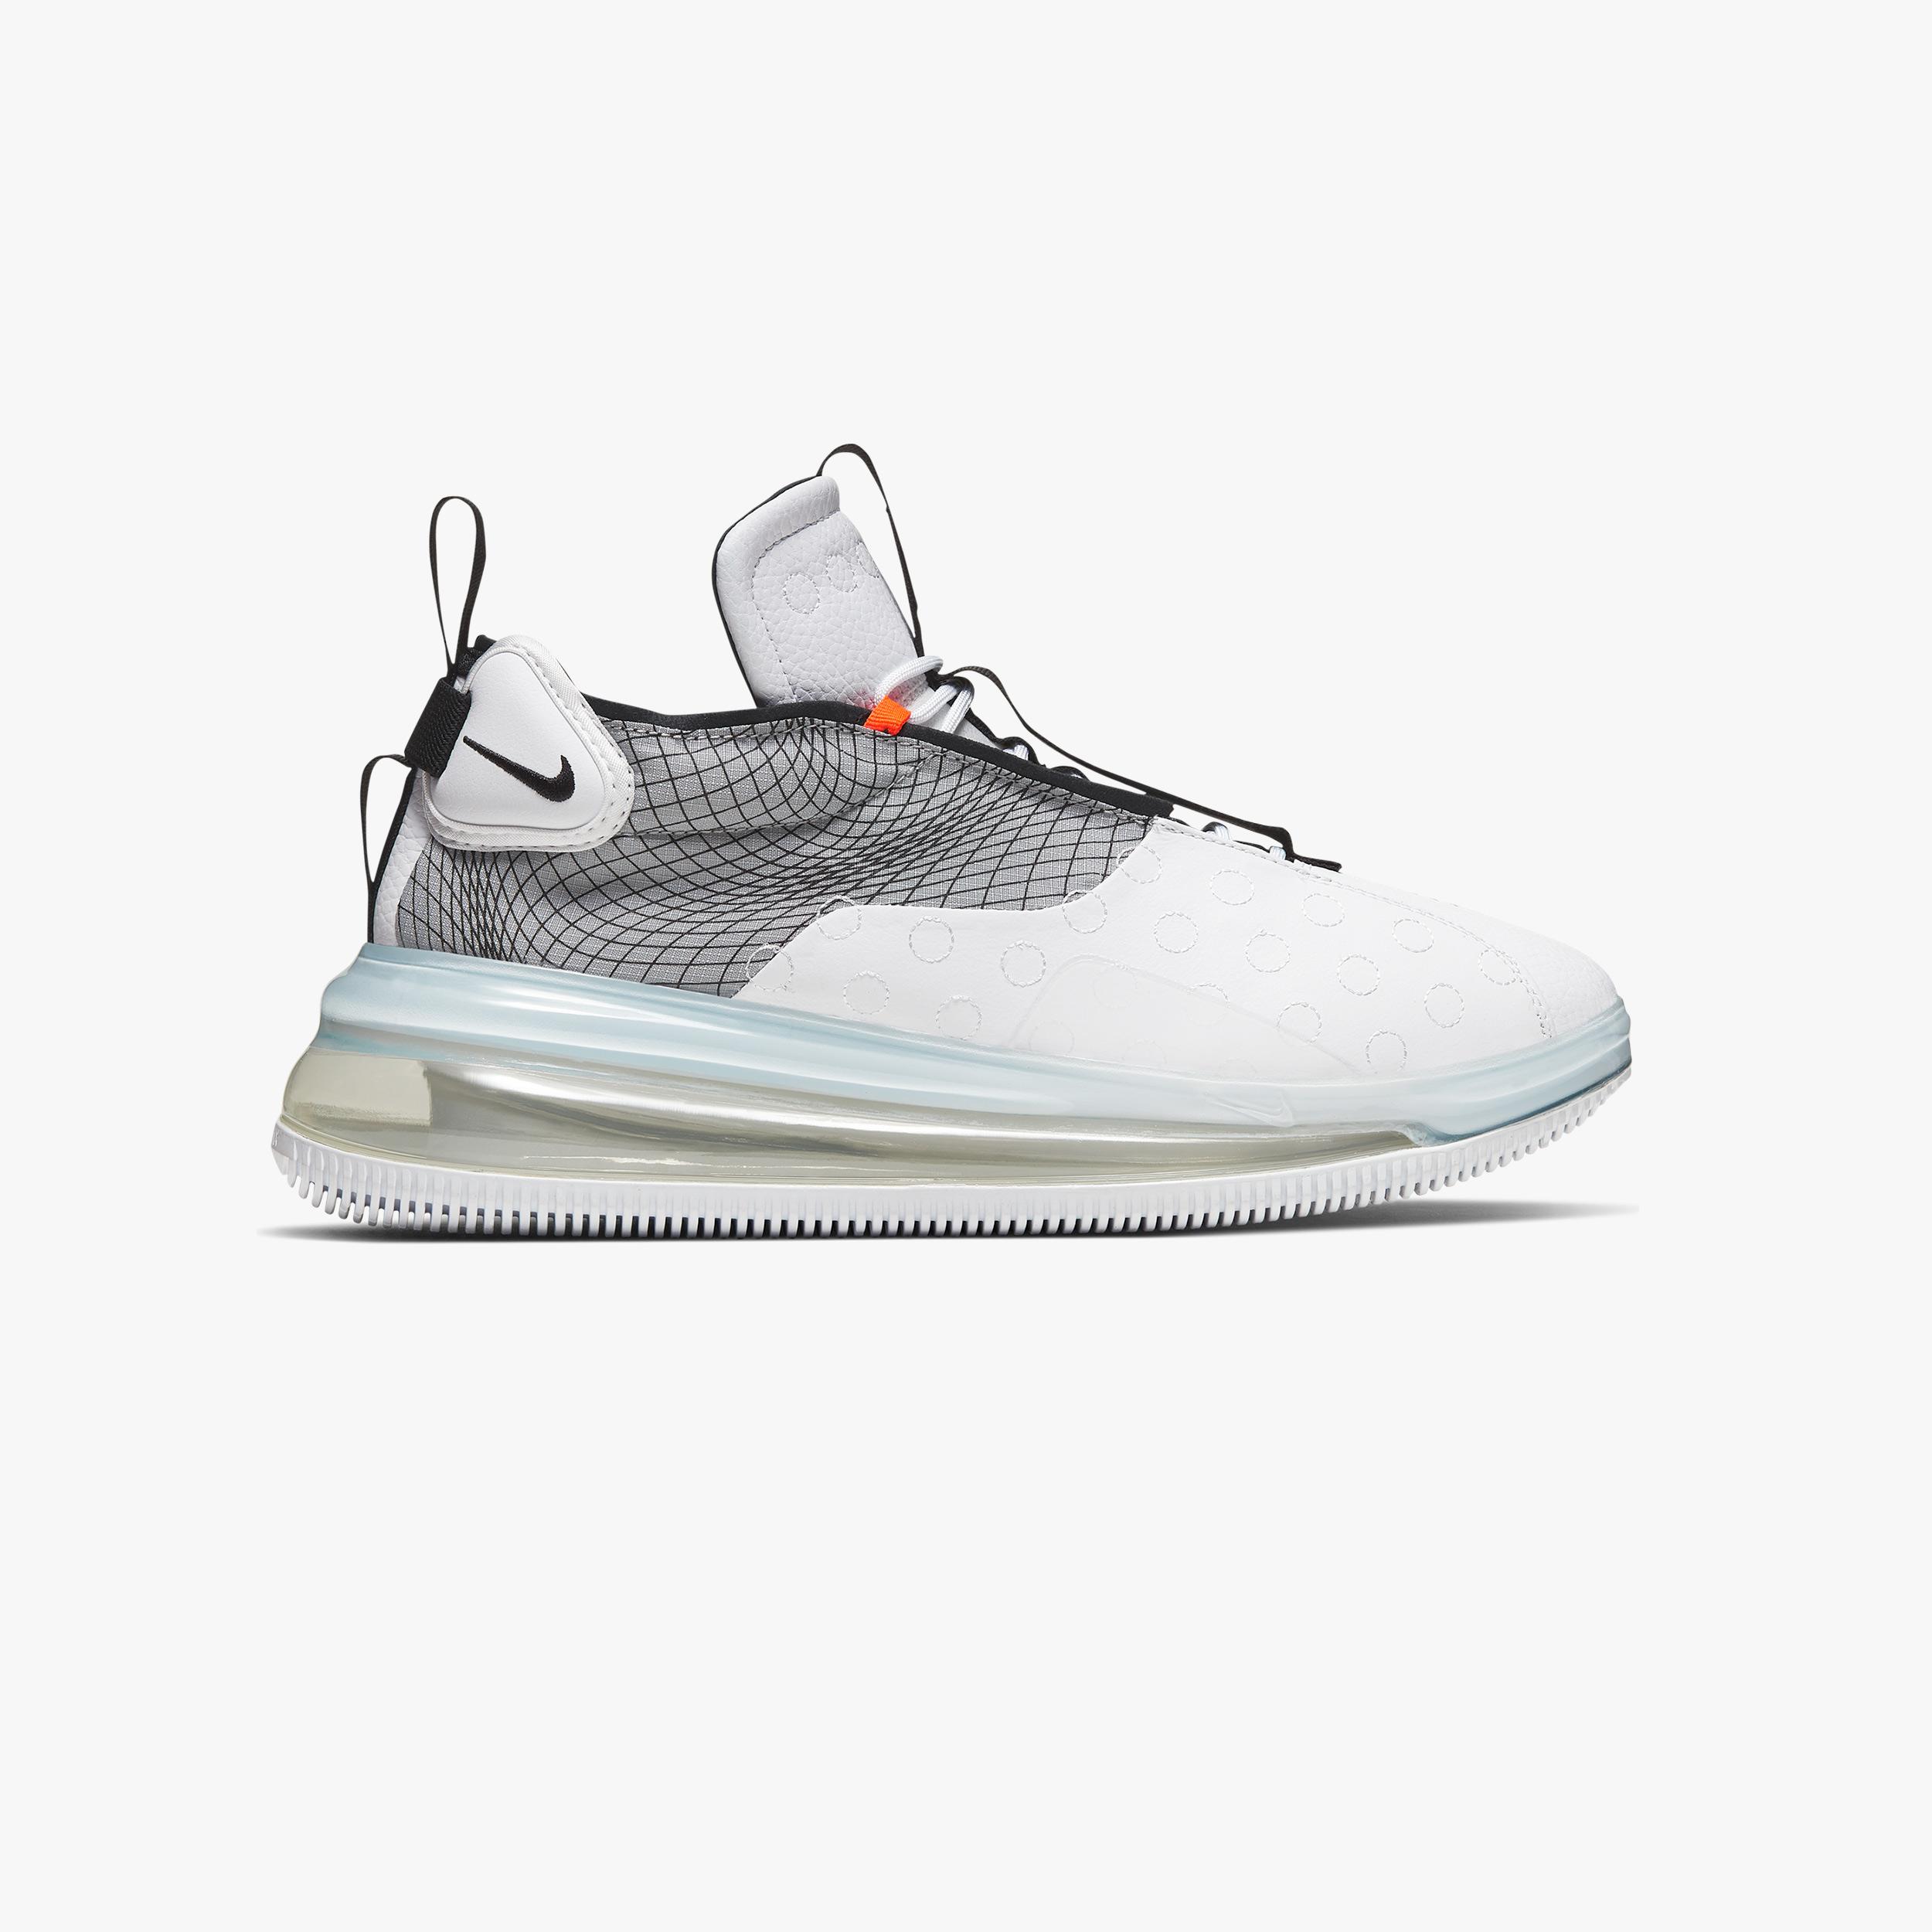 Nike Air Max 20 Waves   Bq20 20   SNS I Kultur, Kreativität ...